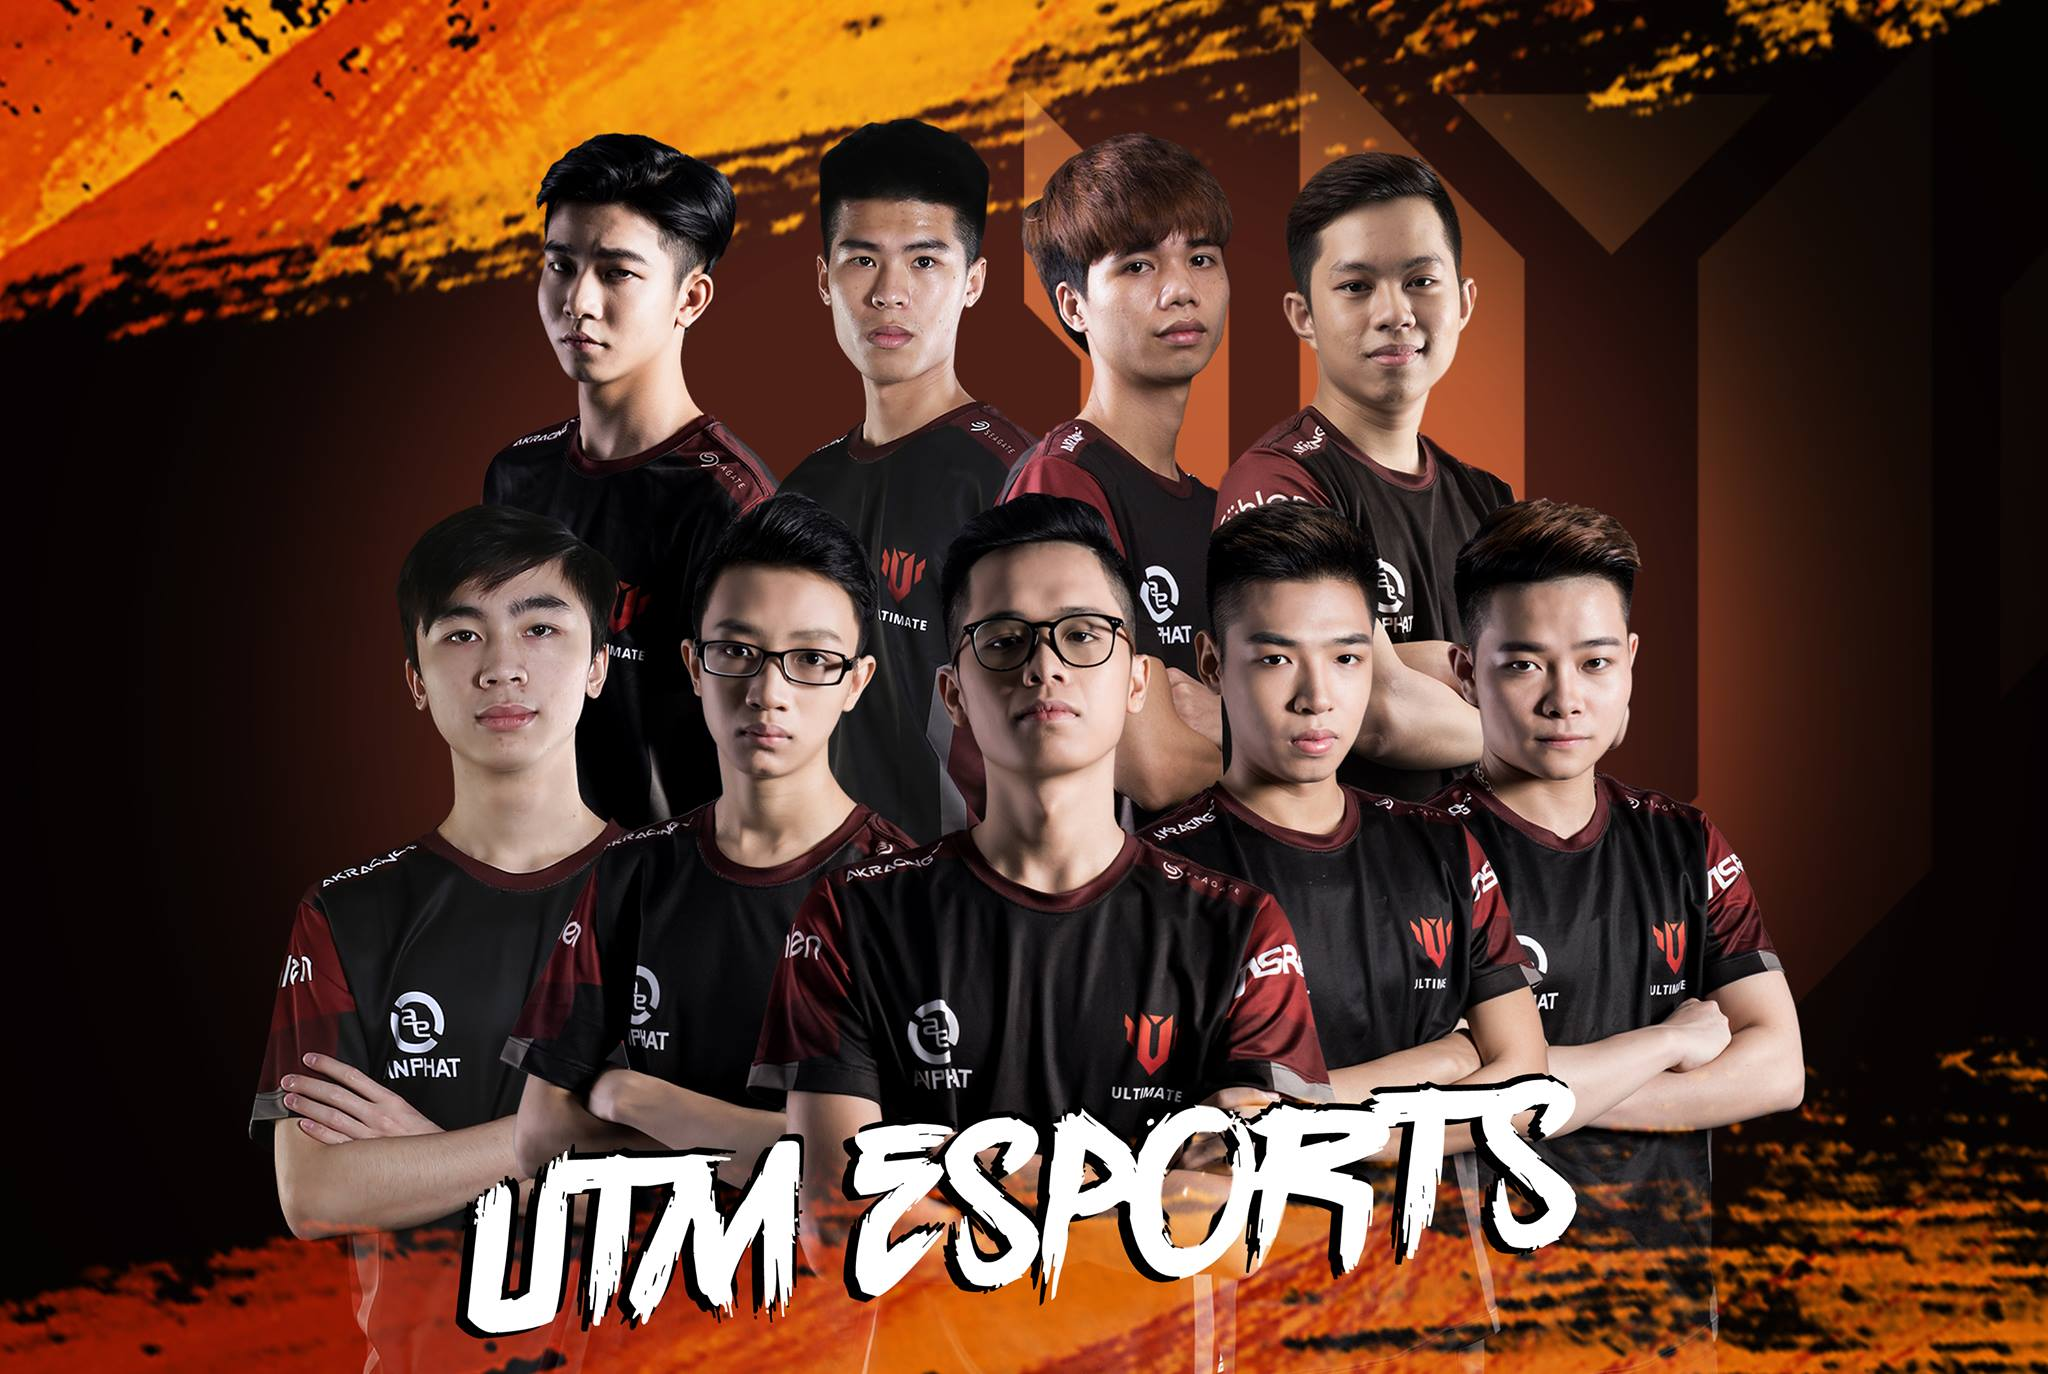 Đội tuyển LMHT cuối cùng của Hà Nội bất ngờ chia tay với tất cả thành viên, GAM nhờ đó chuẩn bị có siêu sao mới